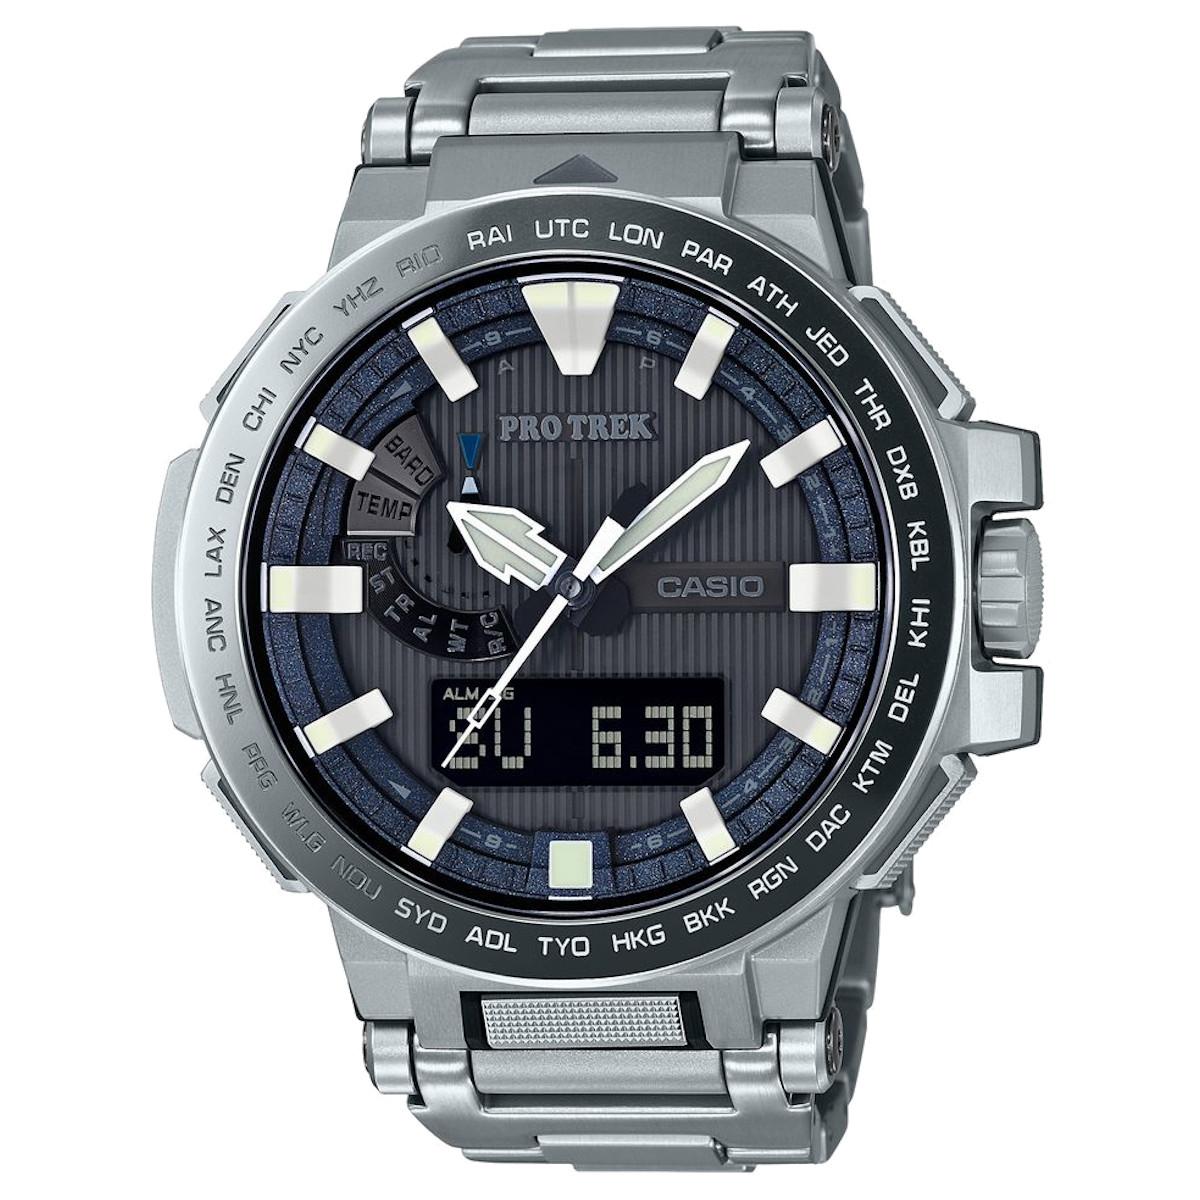 カシオ計算機(CASIO) プロトレック マナスル PRX-8000GT-7JF (高機能腕時計/登山/釣り/アウトドア/キャンプ)※メーカーお取り寄せ商品